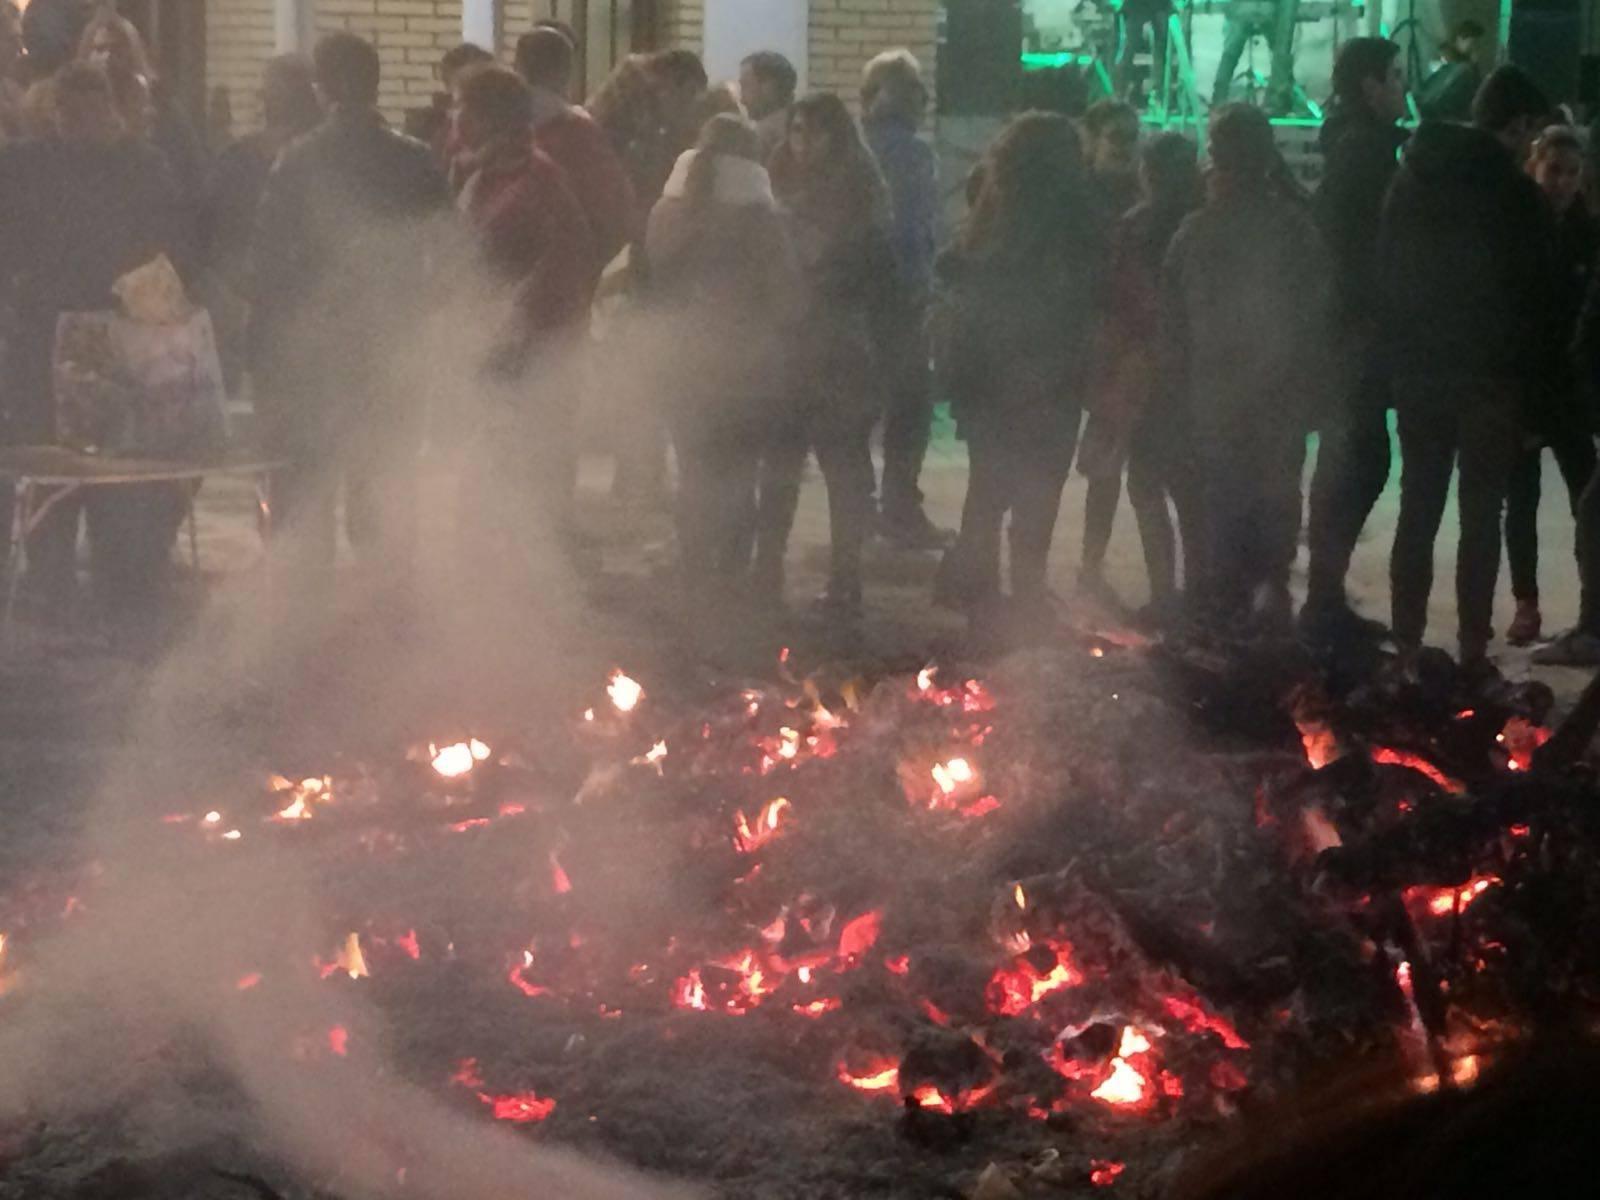 Festividad san anton Herencia 2017l - Comsermancha solicita extremar la precaución al deshacerse de los restos de las Hogueras de San Antón